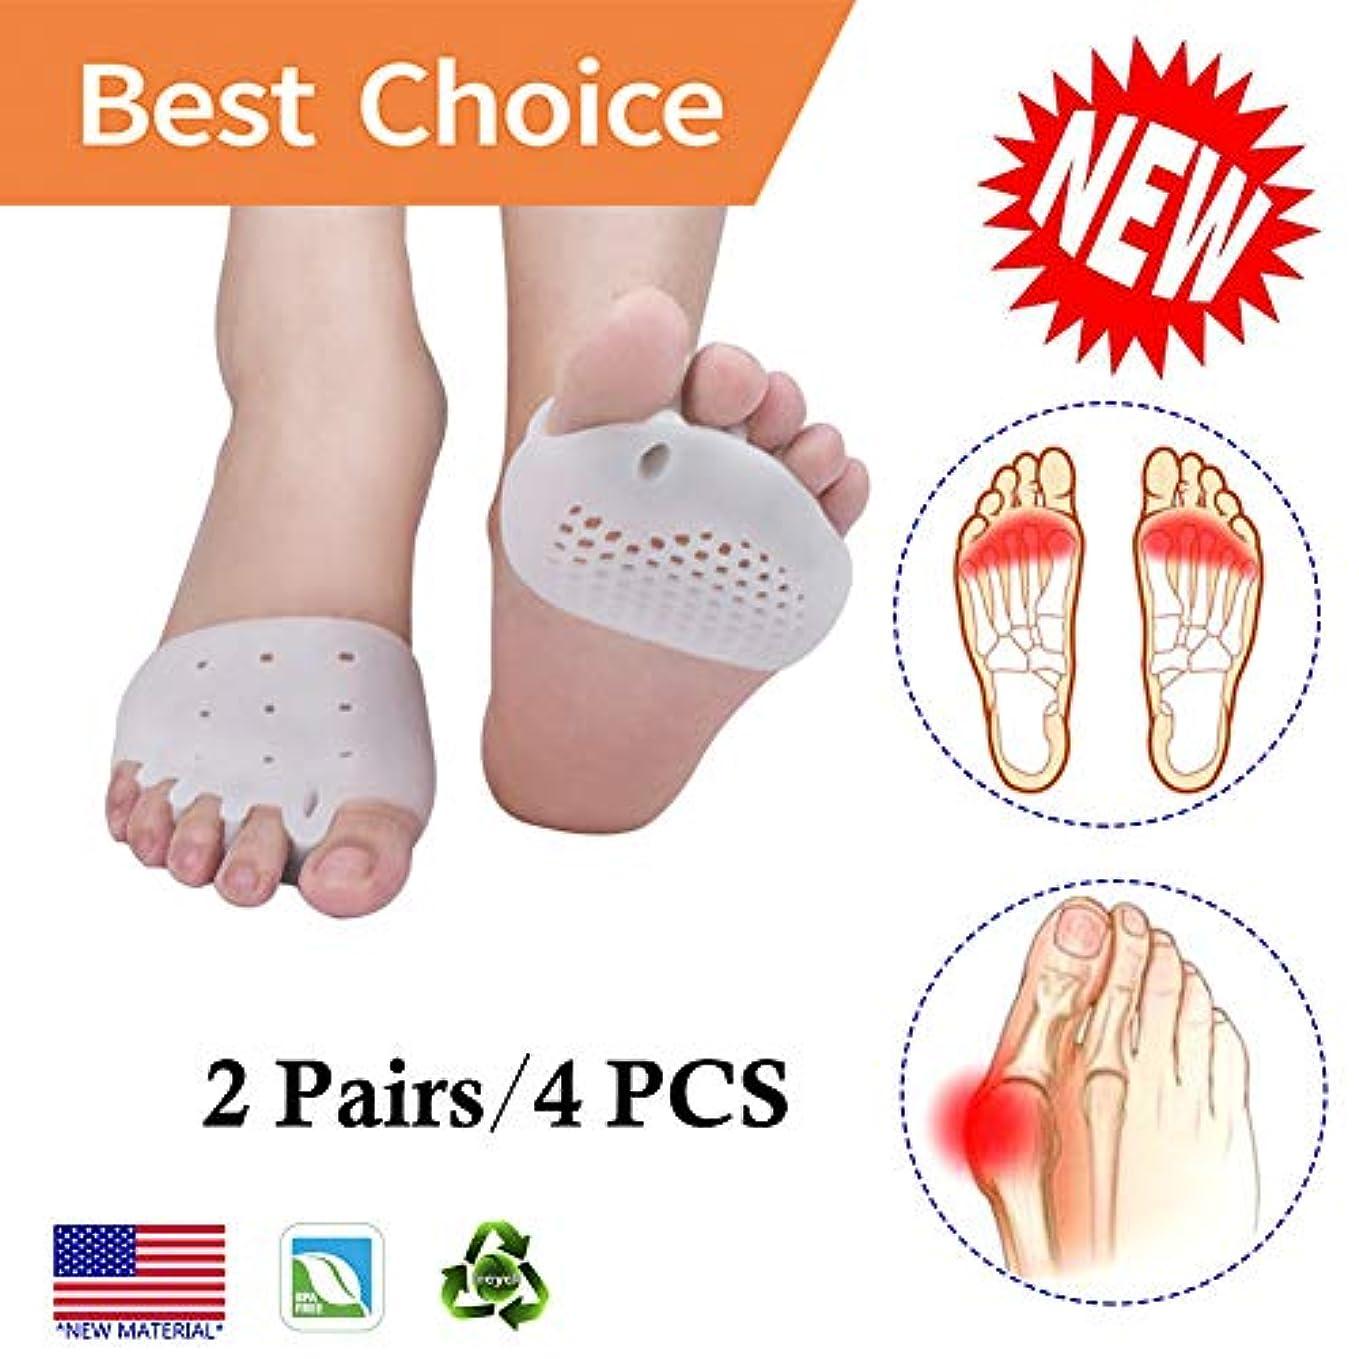 運動郵便局風が強いPnrskter 足裏保護パッド 中足前足パッド 通気性 柔らかい ジェル 糖尿病の足に最適 カルス 水疱 前足痛 男性のための両方の足に使用することができます (白(6ピース))